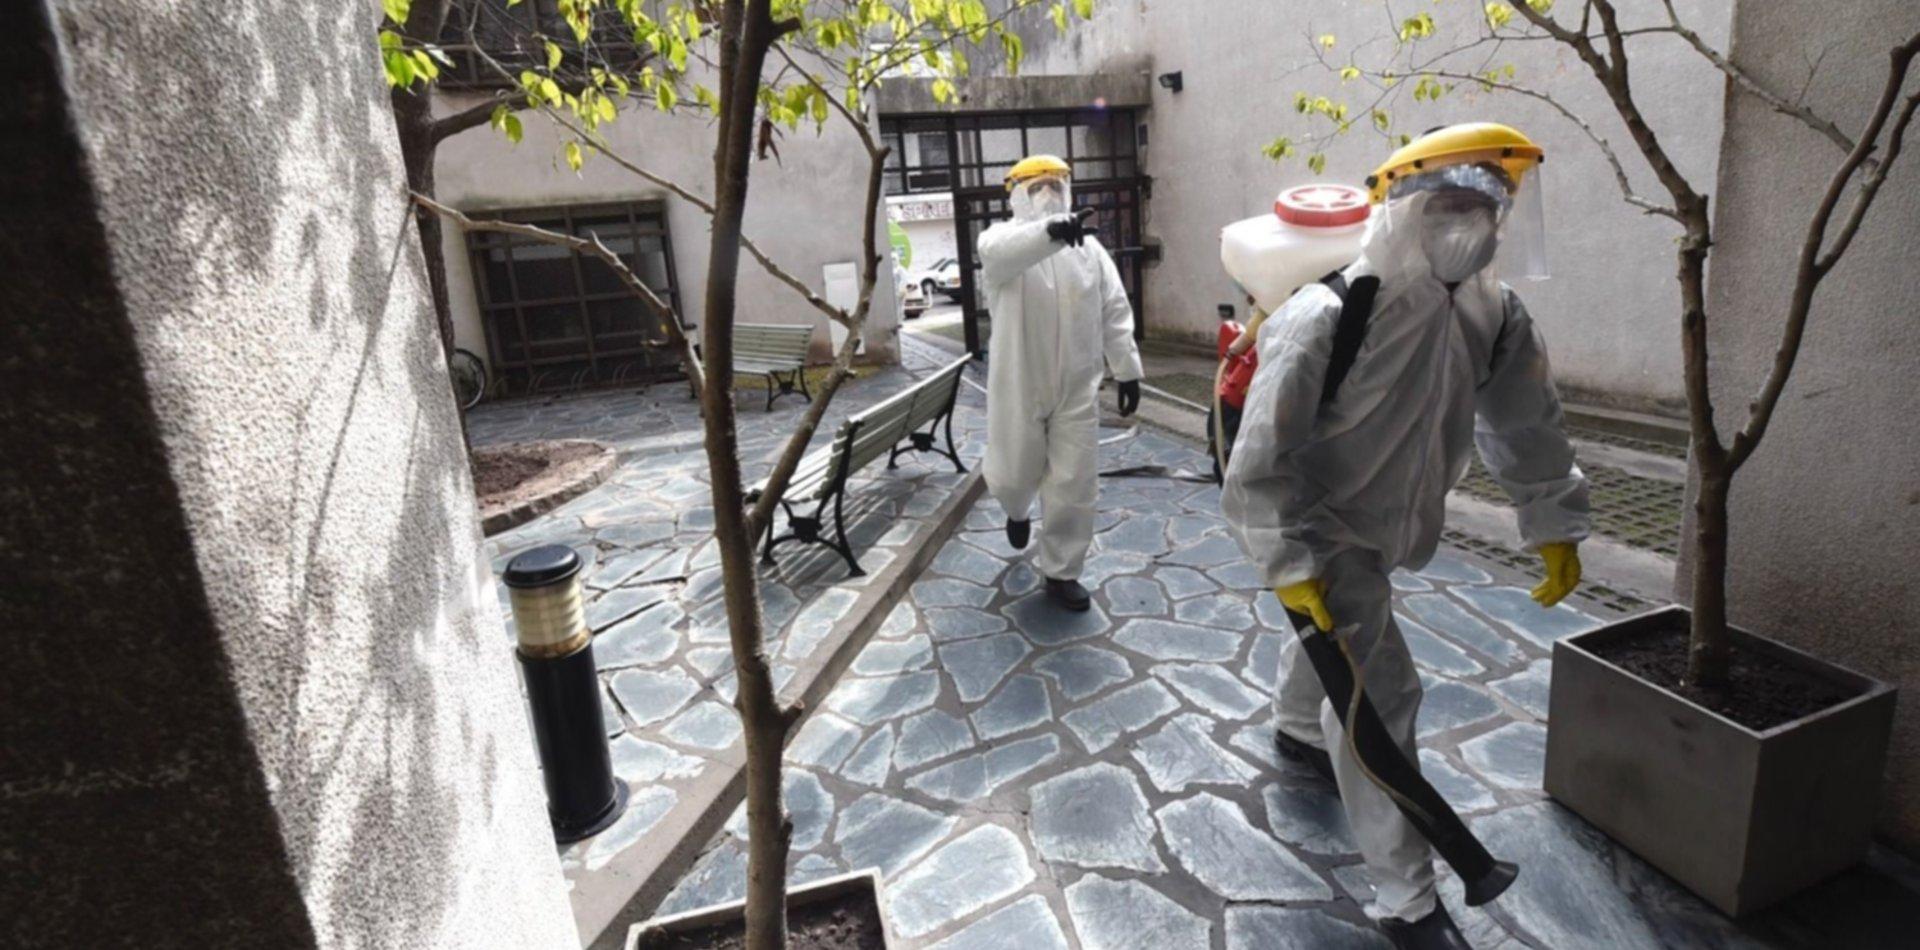 Desinfectaron un edificio del centro por un caso positivo de COVID-19